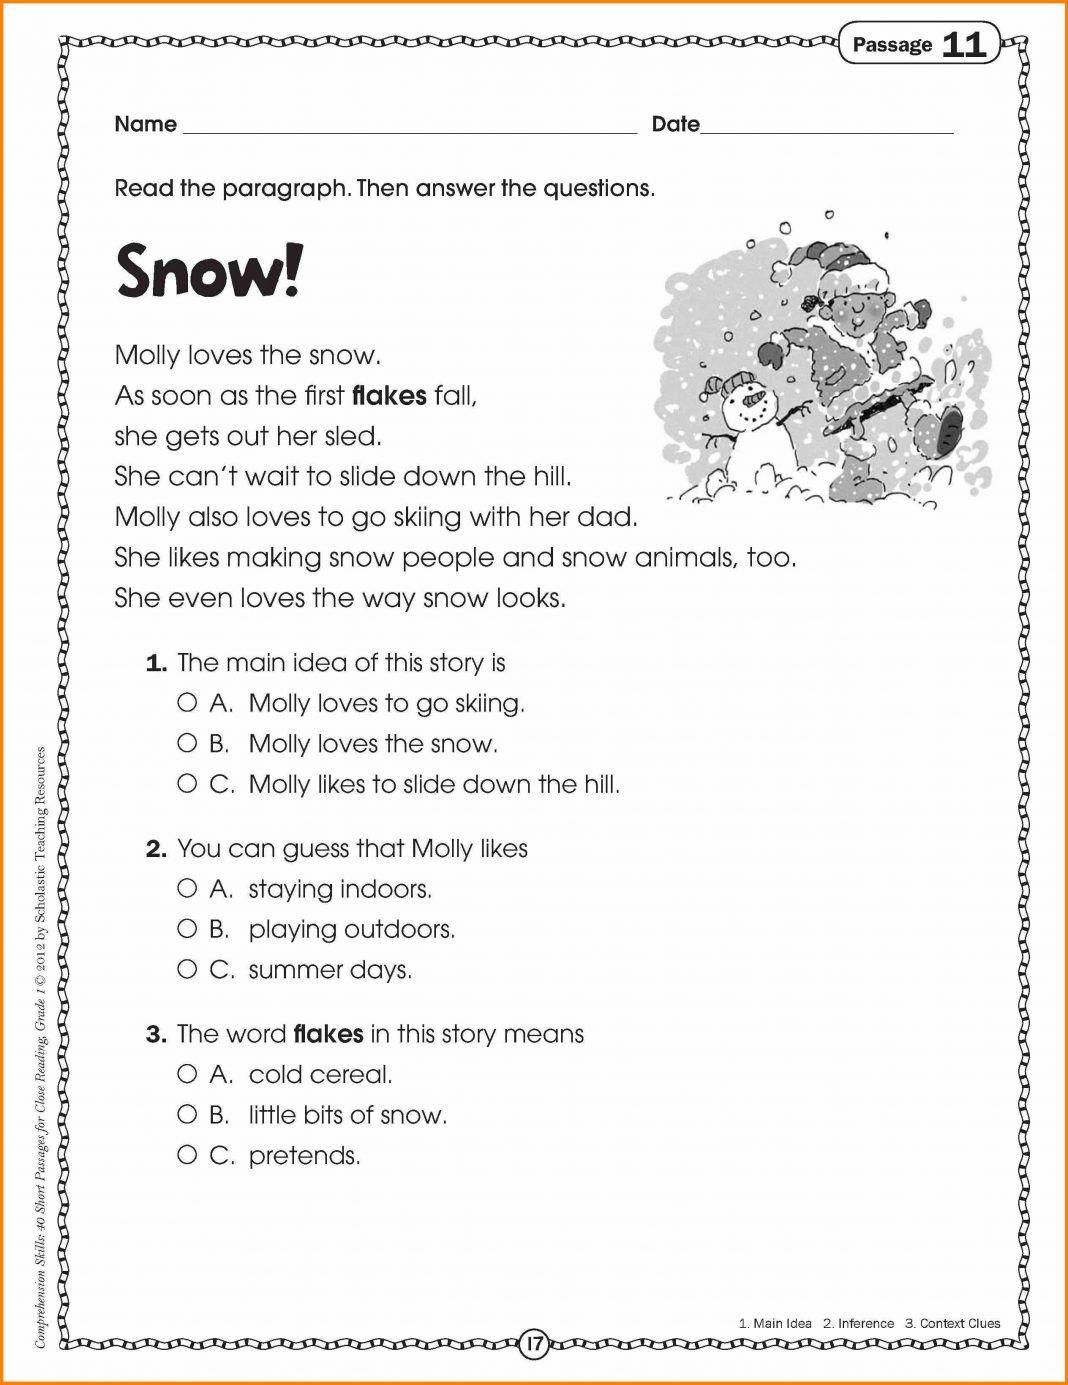 38 Innovative Reading Comprehension Worksheets Design Ideas Bacamajalah Comprehension Worksheets Reading Comprehension Worksheets Reading Comprehension Christmas comprehension worksheets 5th